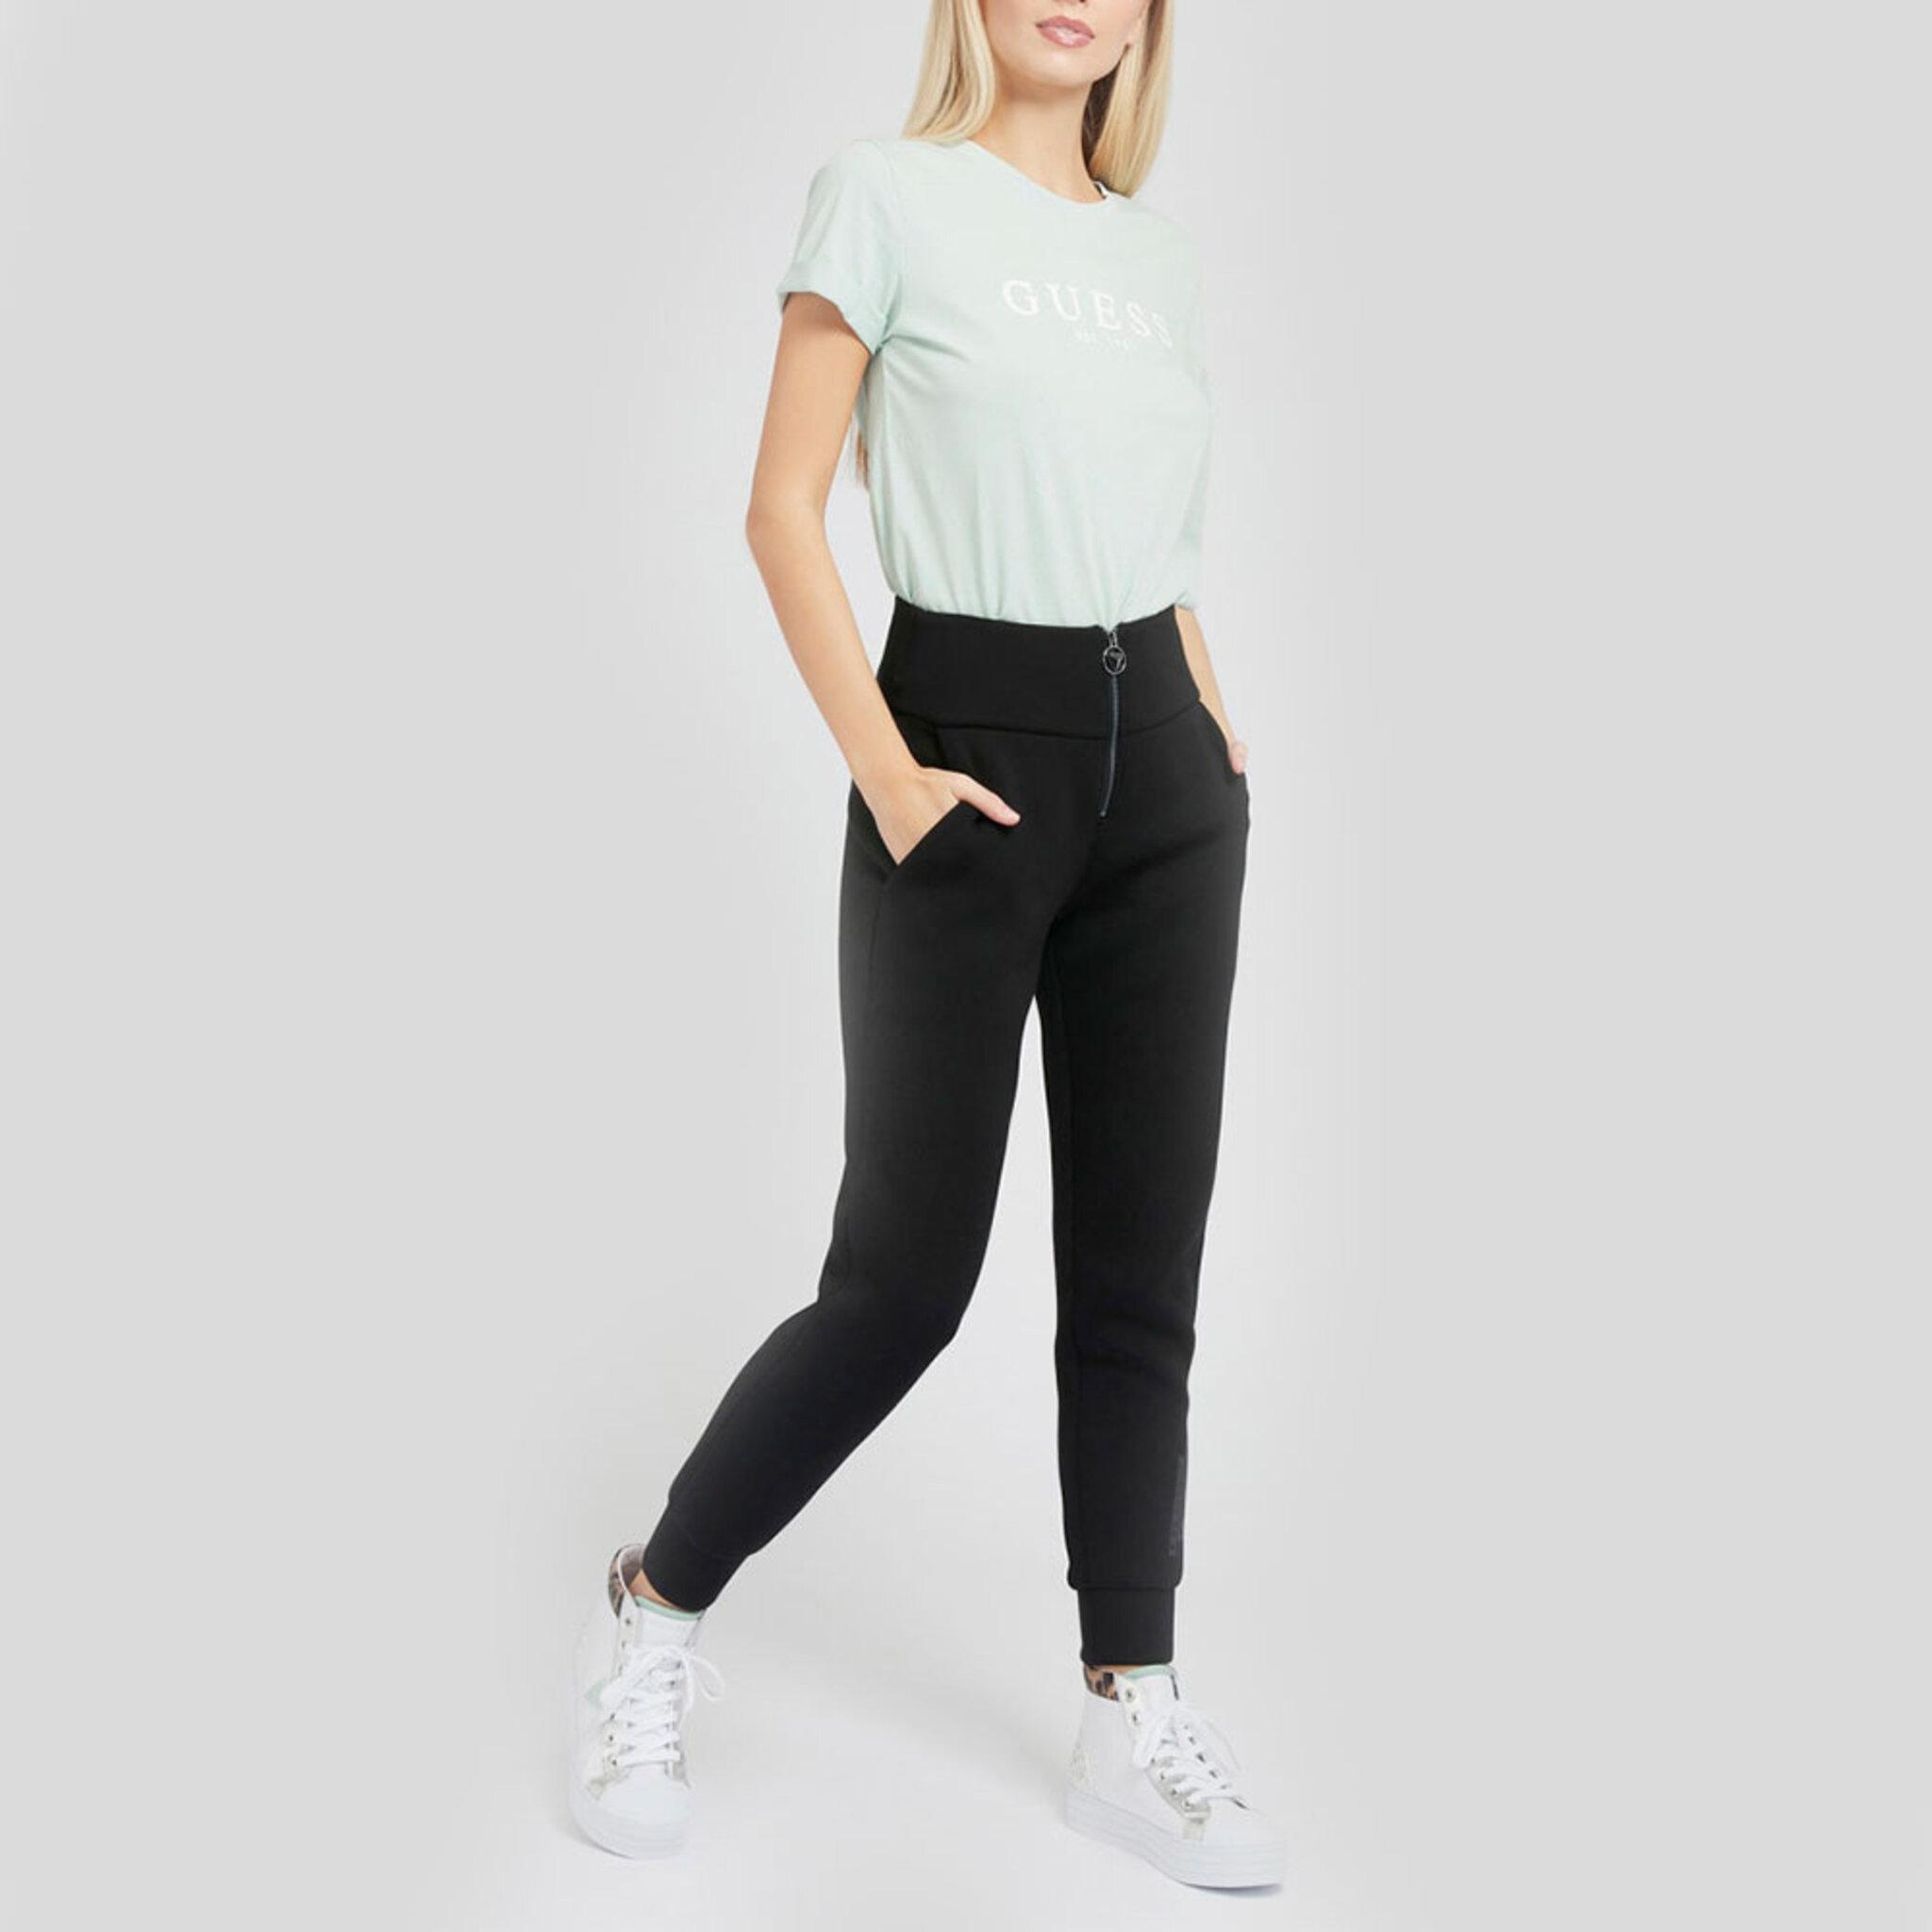 HUDA PANTS Pants